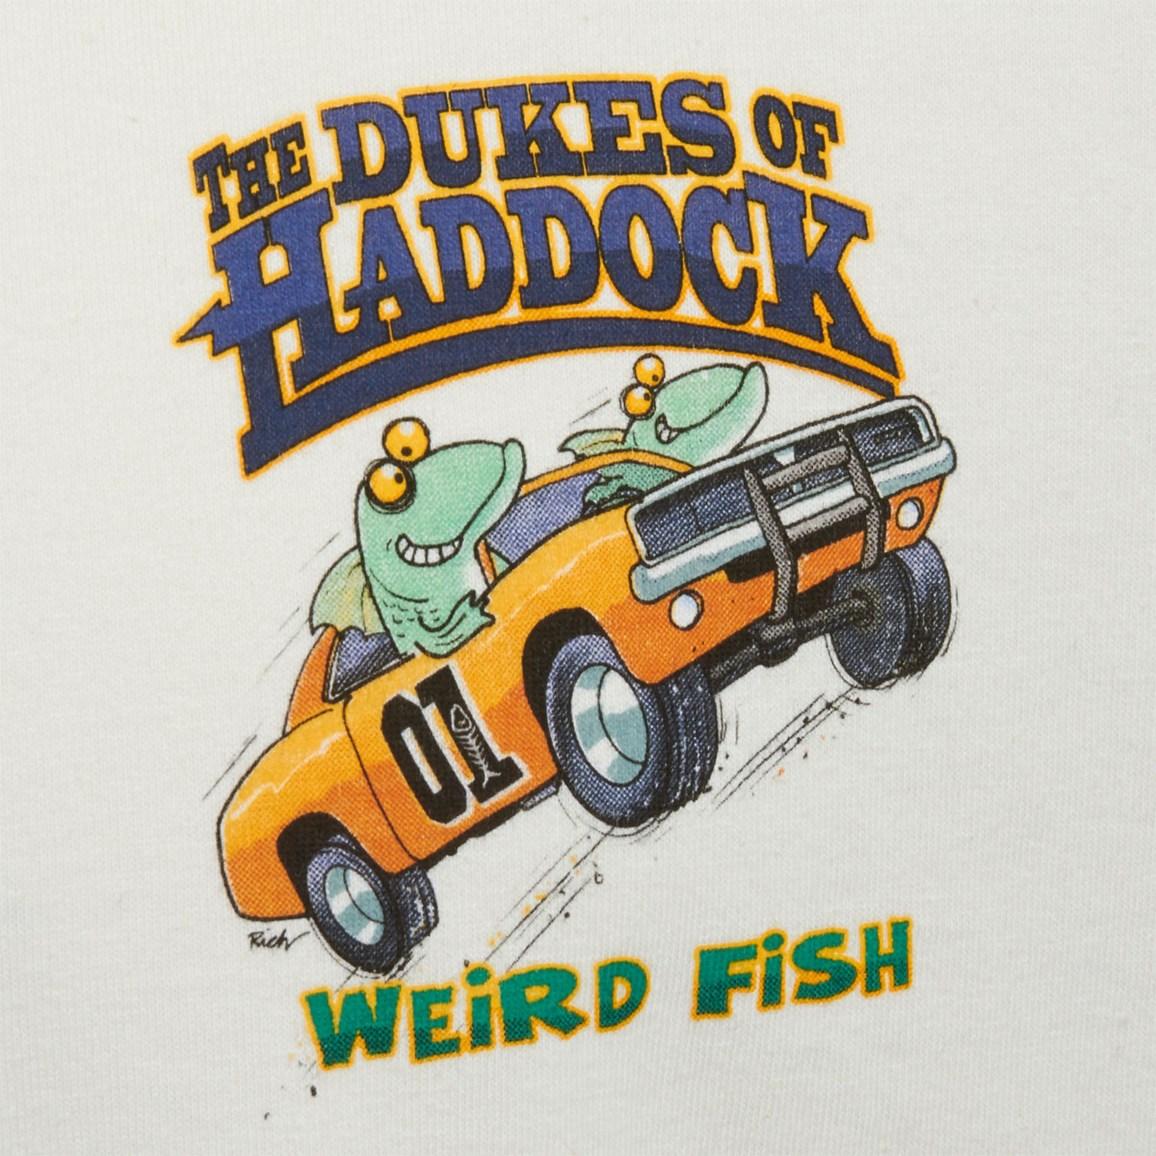 Image of Weird Fish Dukes Of Haddock Artist T-Shirt Ecru Size L